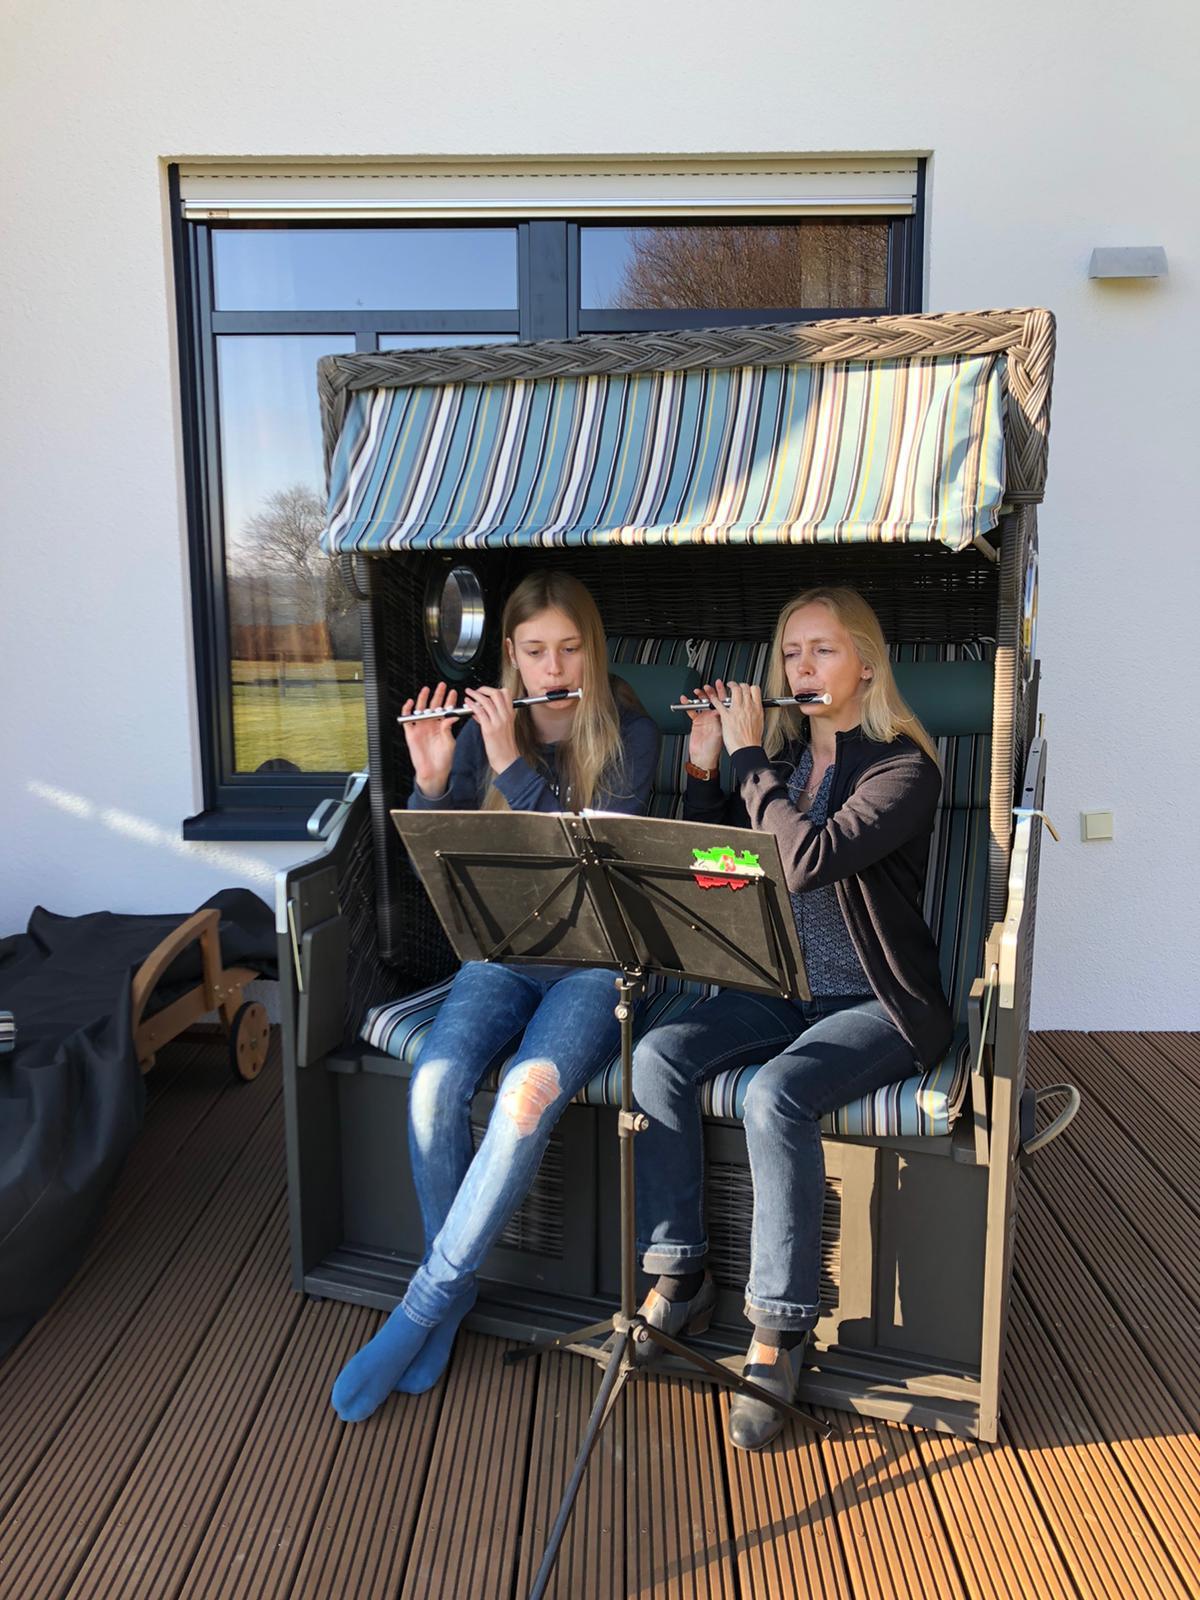 Musik am Fenster